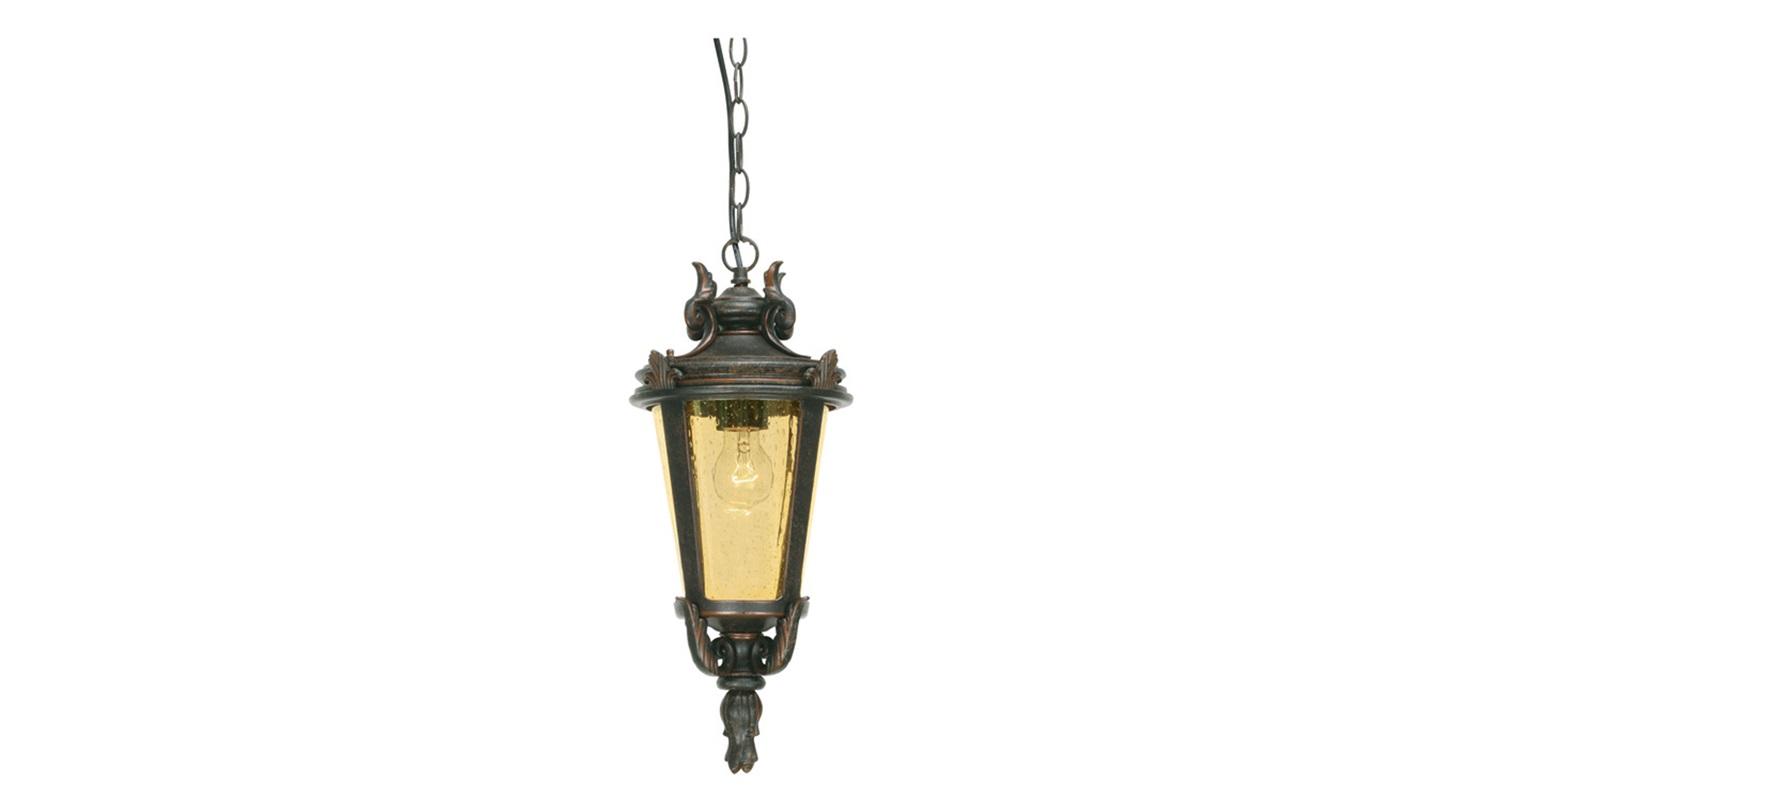 Подвесной фонарь Elstead ExteriorУличные подвесные и потолочные светильники<br>Цоколь: E27.&amp;lt;div&amp;gt;Мощность: 100W.&amp;lt;/div&amp;gt;&amp;lt;div&amp;gt;Количество ламп: 1.&amp;lt;/div&amp;gt;&amp;lt;div&amp;gt;Цвет: закаленная бронза.&amp;lt;/div&amp;gt;<br><br>Material: Металл<br>Ширина см: 22<br>Высота см: 43